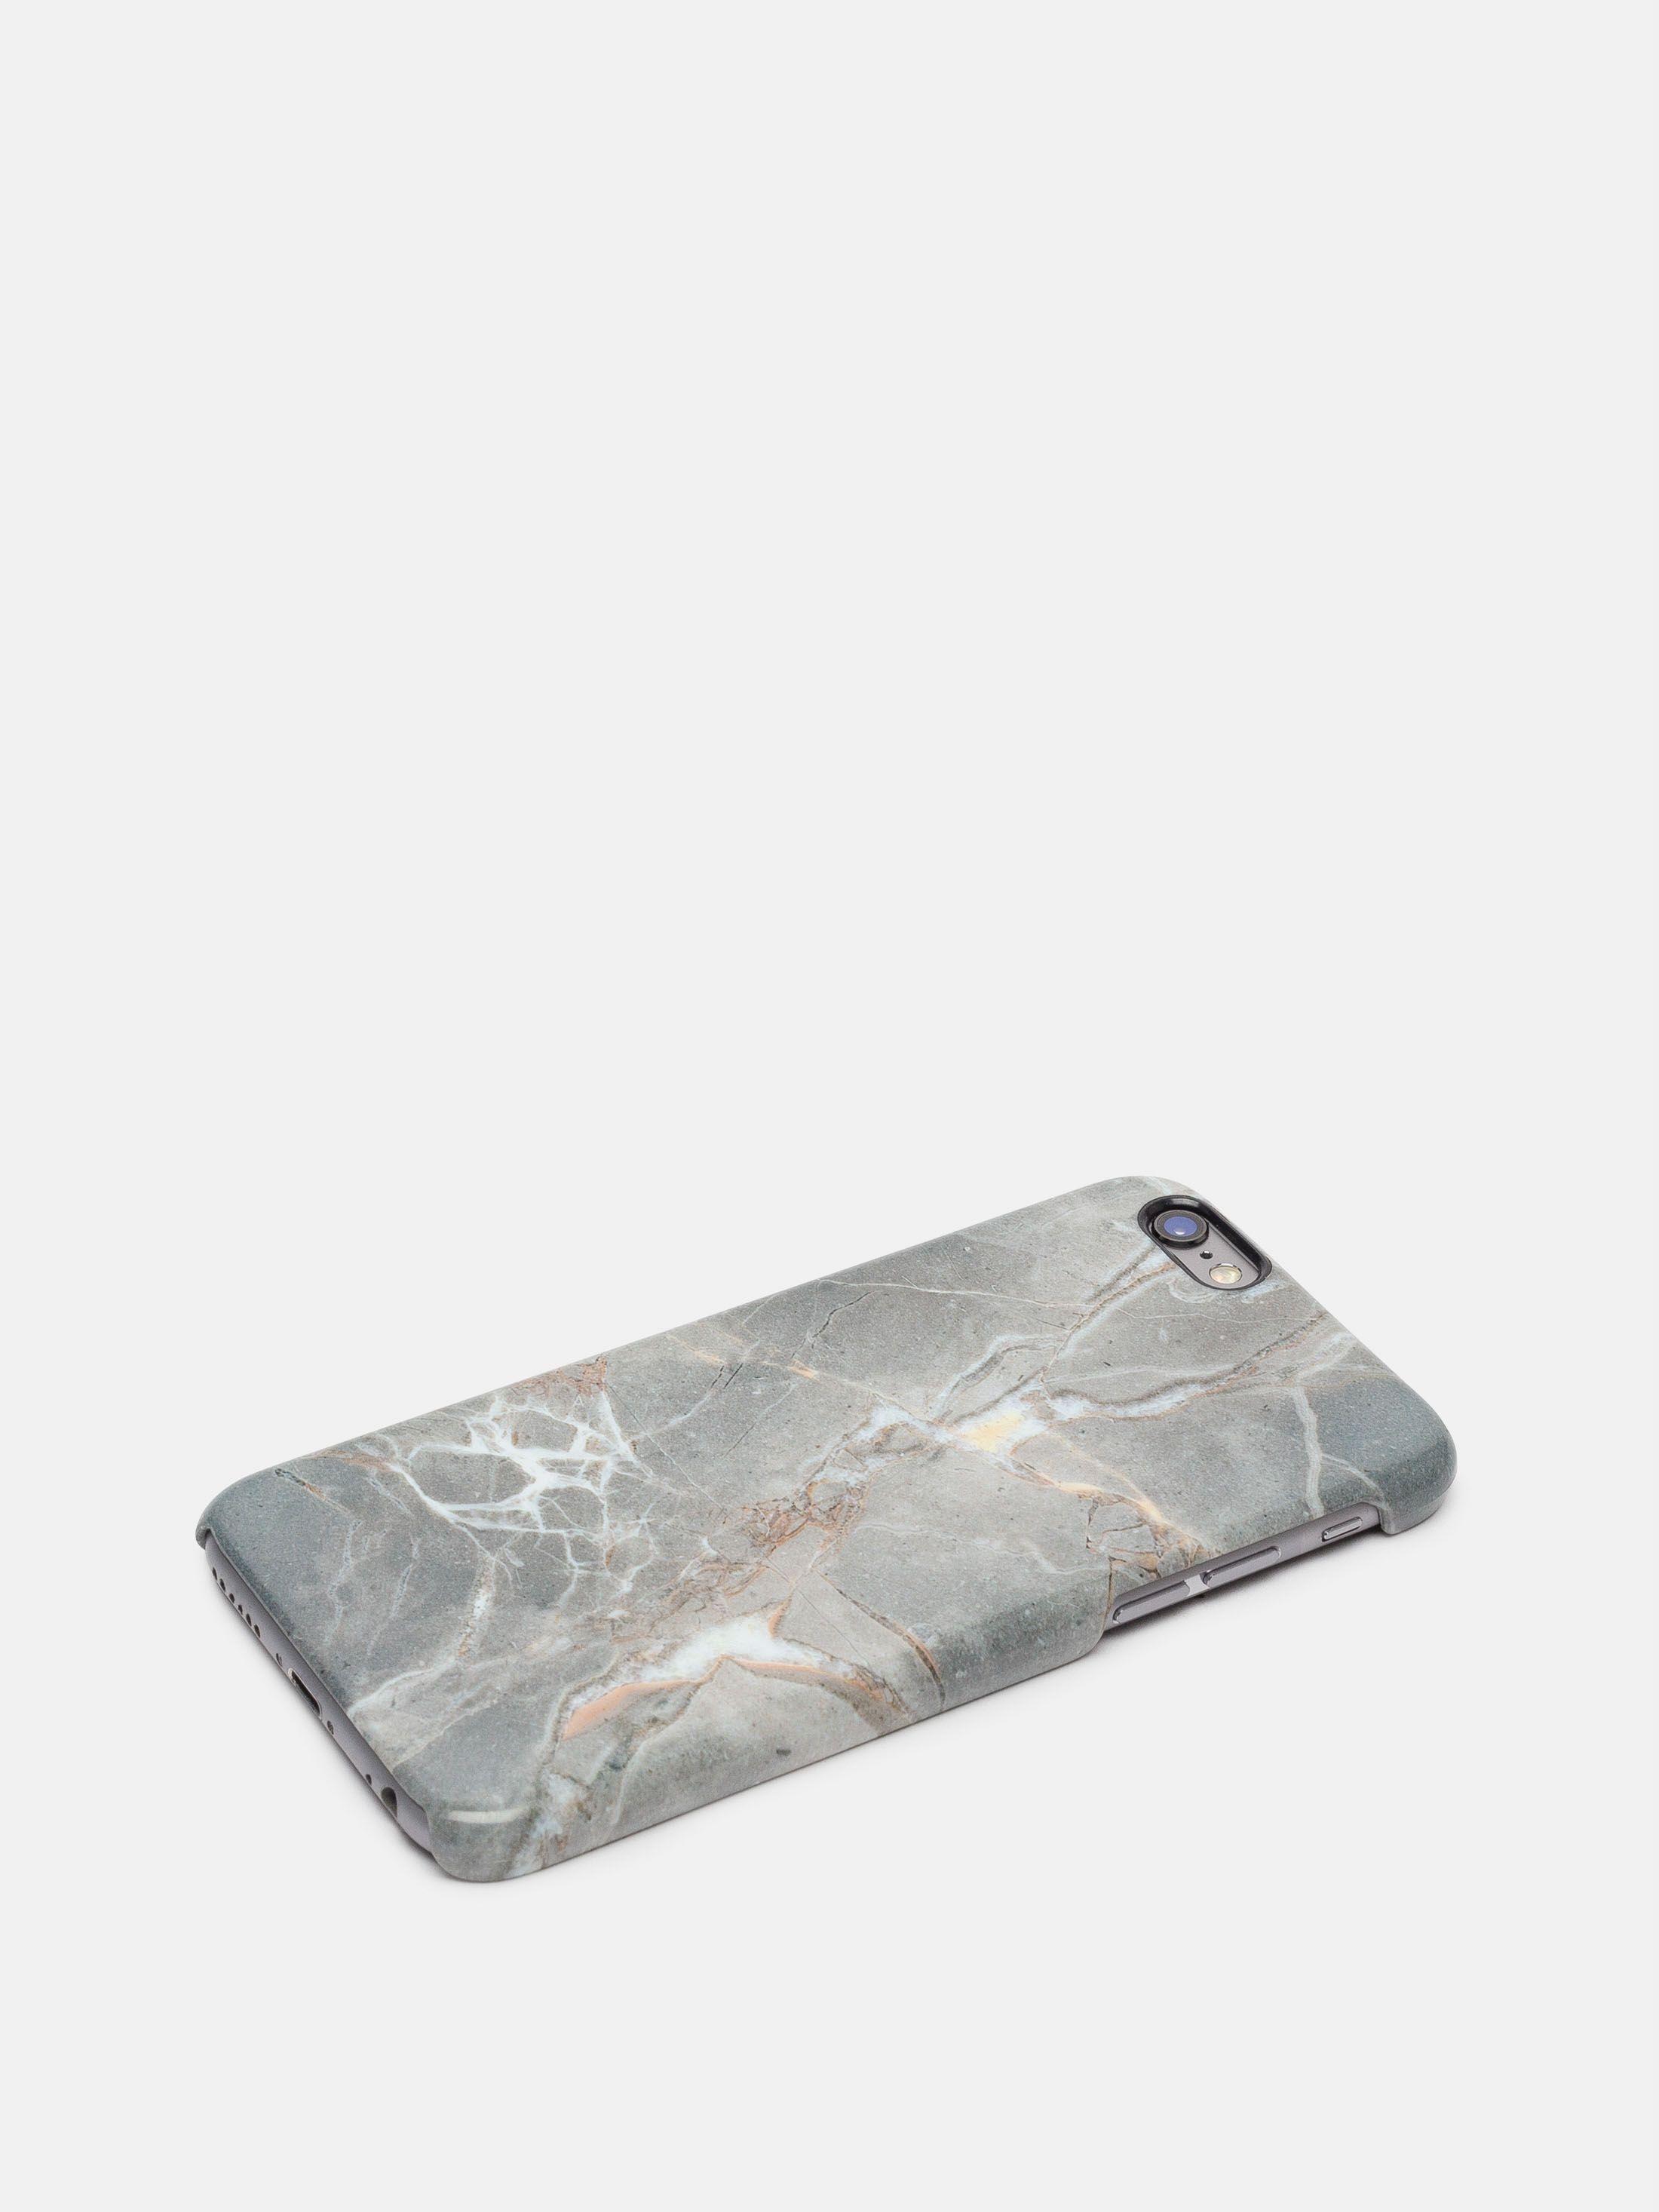 iphone 6/6+ custom case